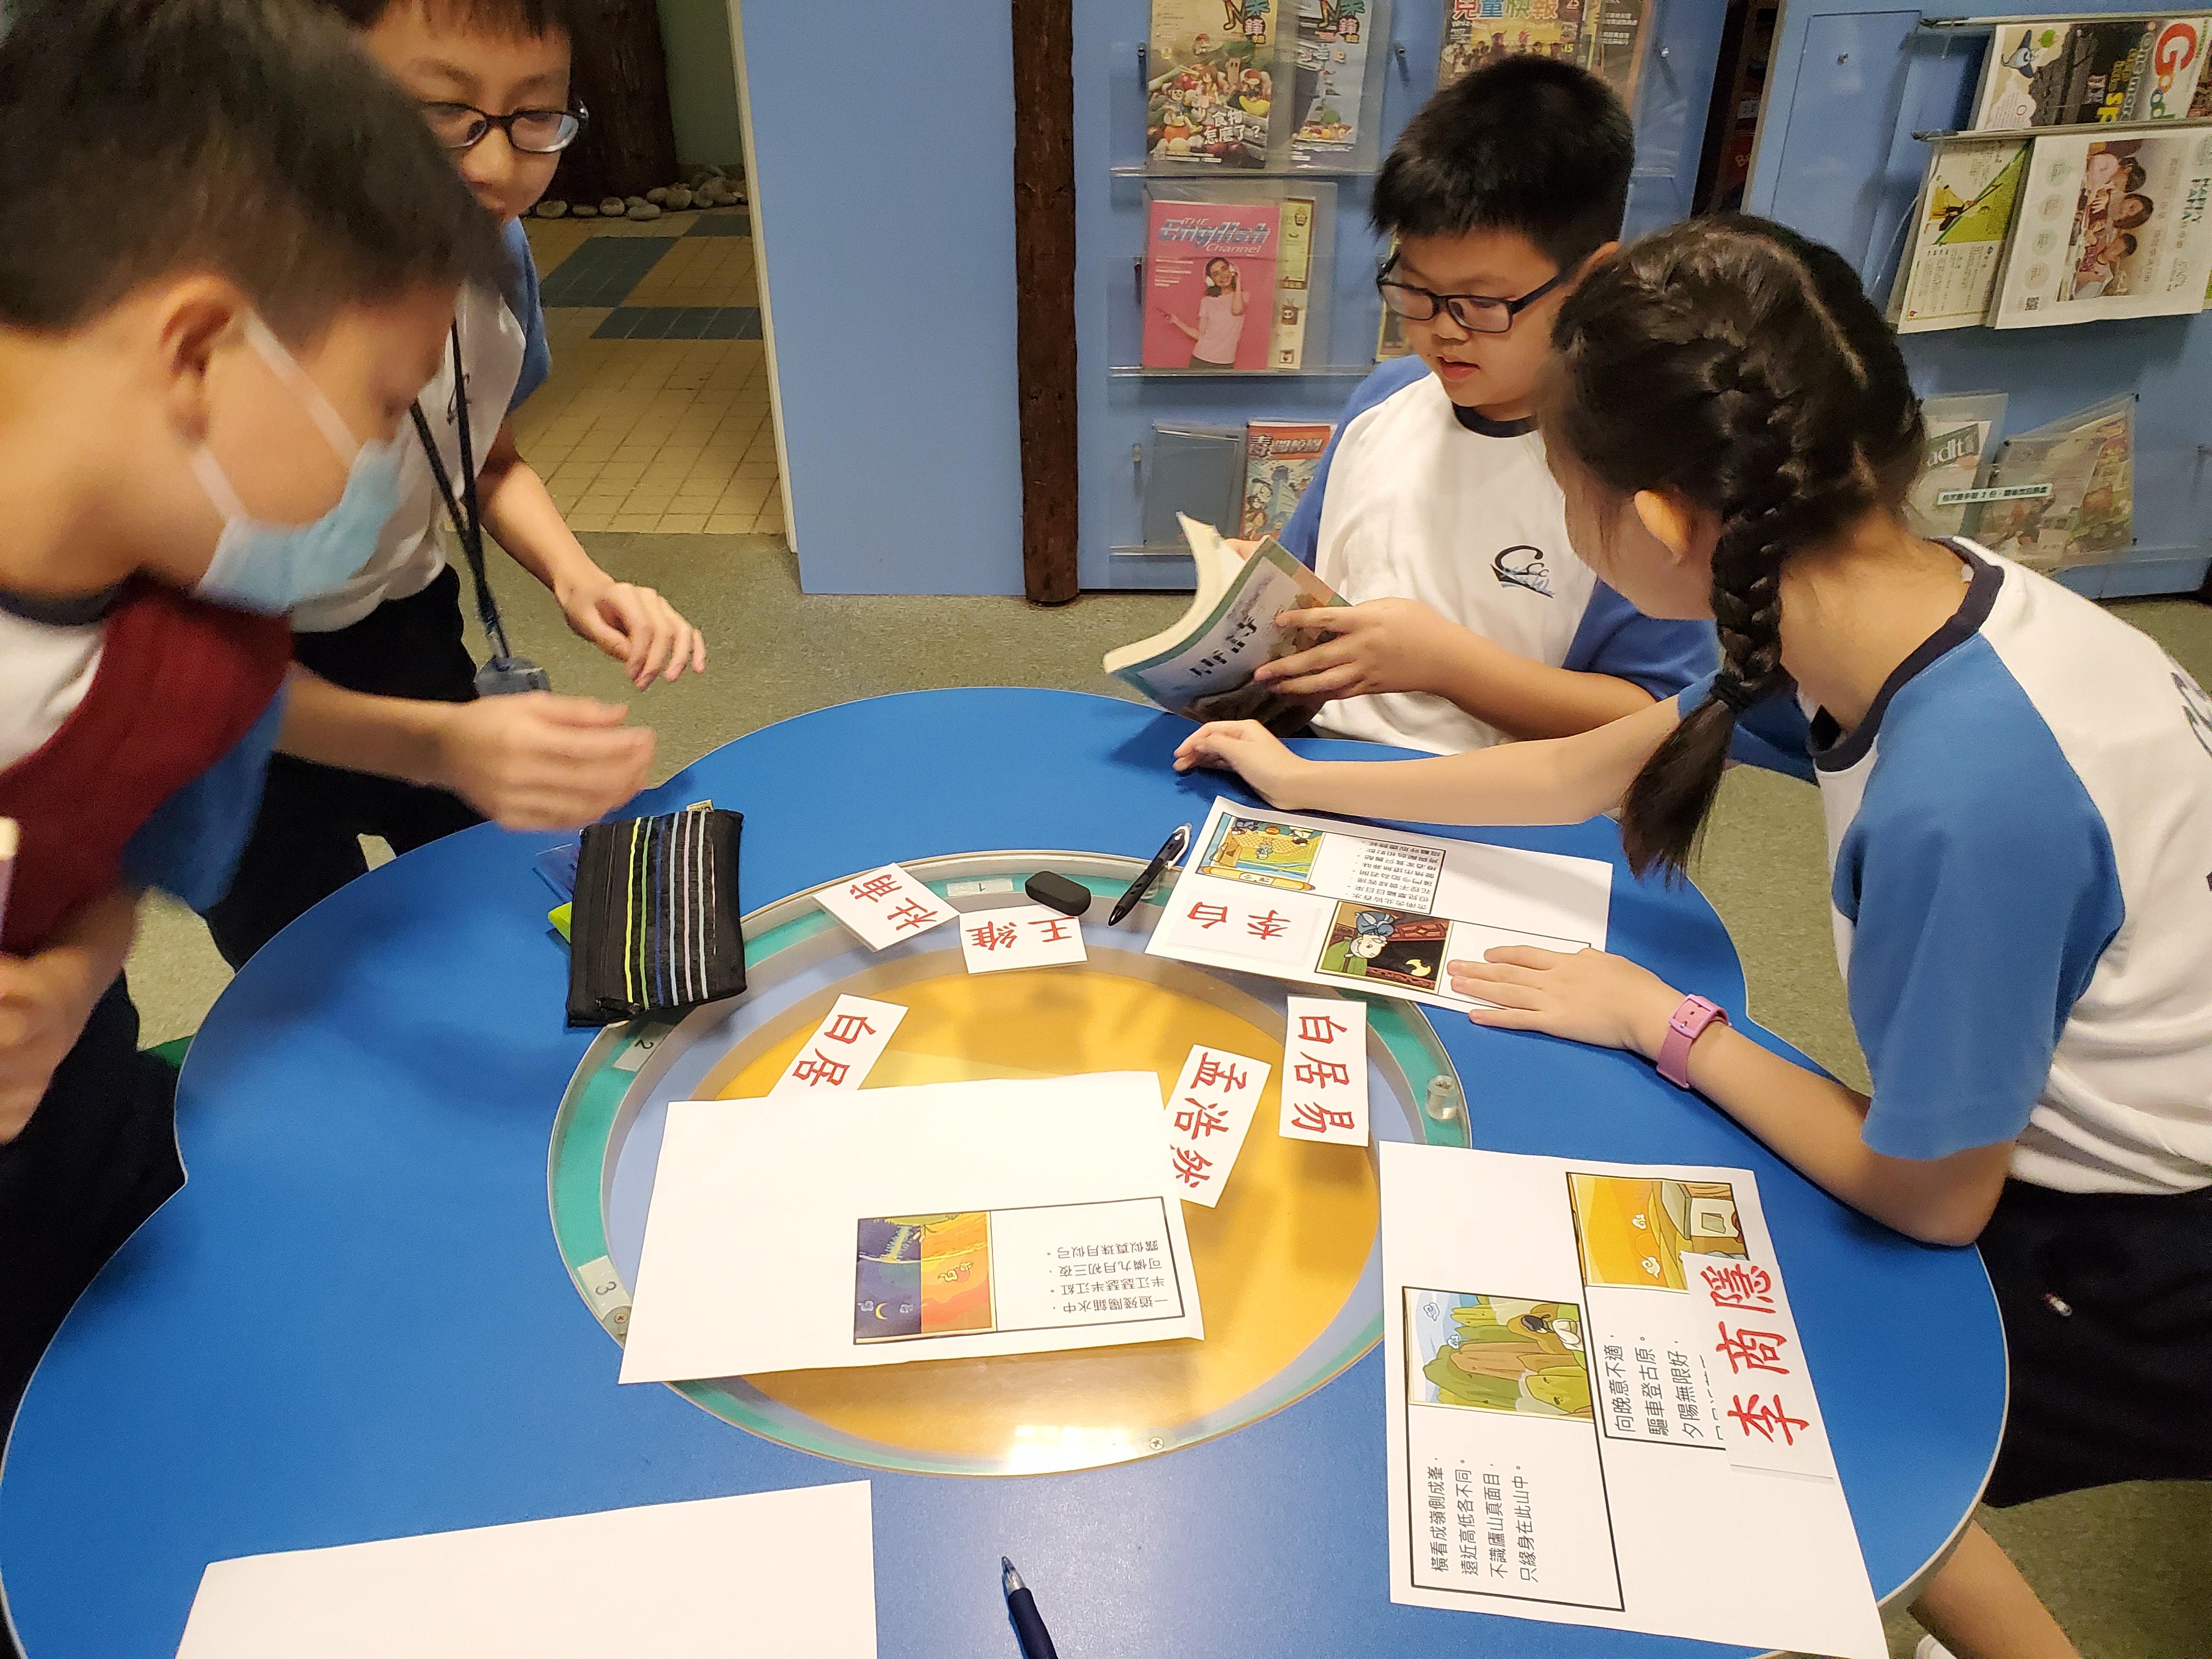 http://www.keiwan.edu.hk/sites/default/files/20191021_100238.jpg